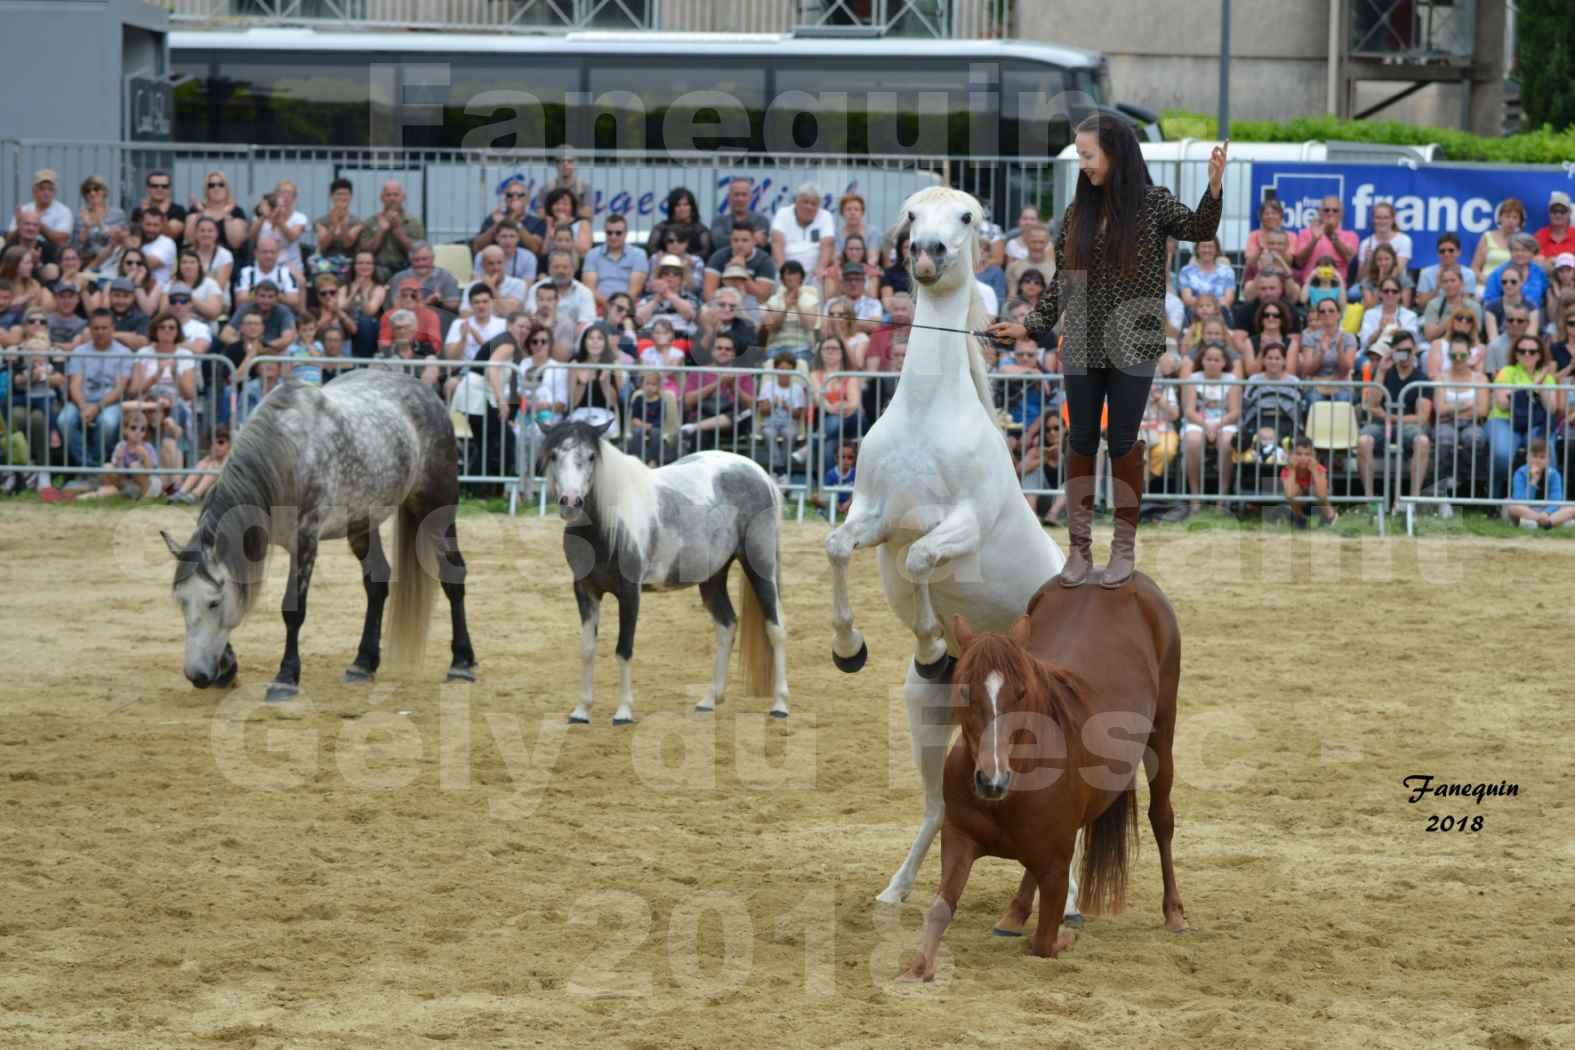 Spectacle Équestre le 3 juin 2018 à Saint Gély du Fesc - 5 chevaux en liberté - Anne Gaëlle BERTHO - 08